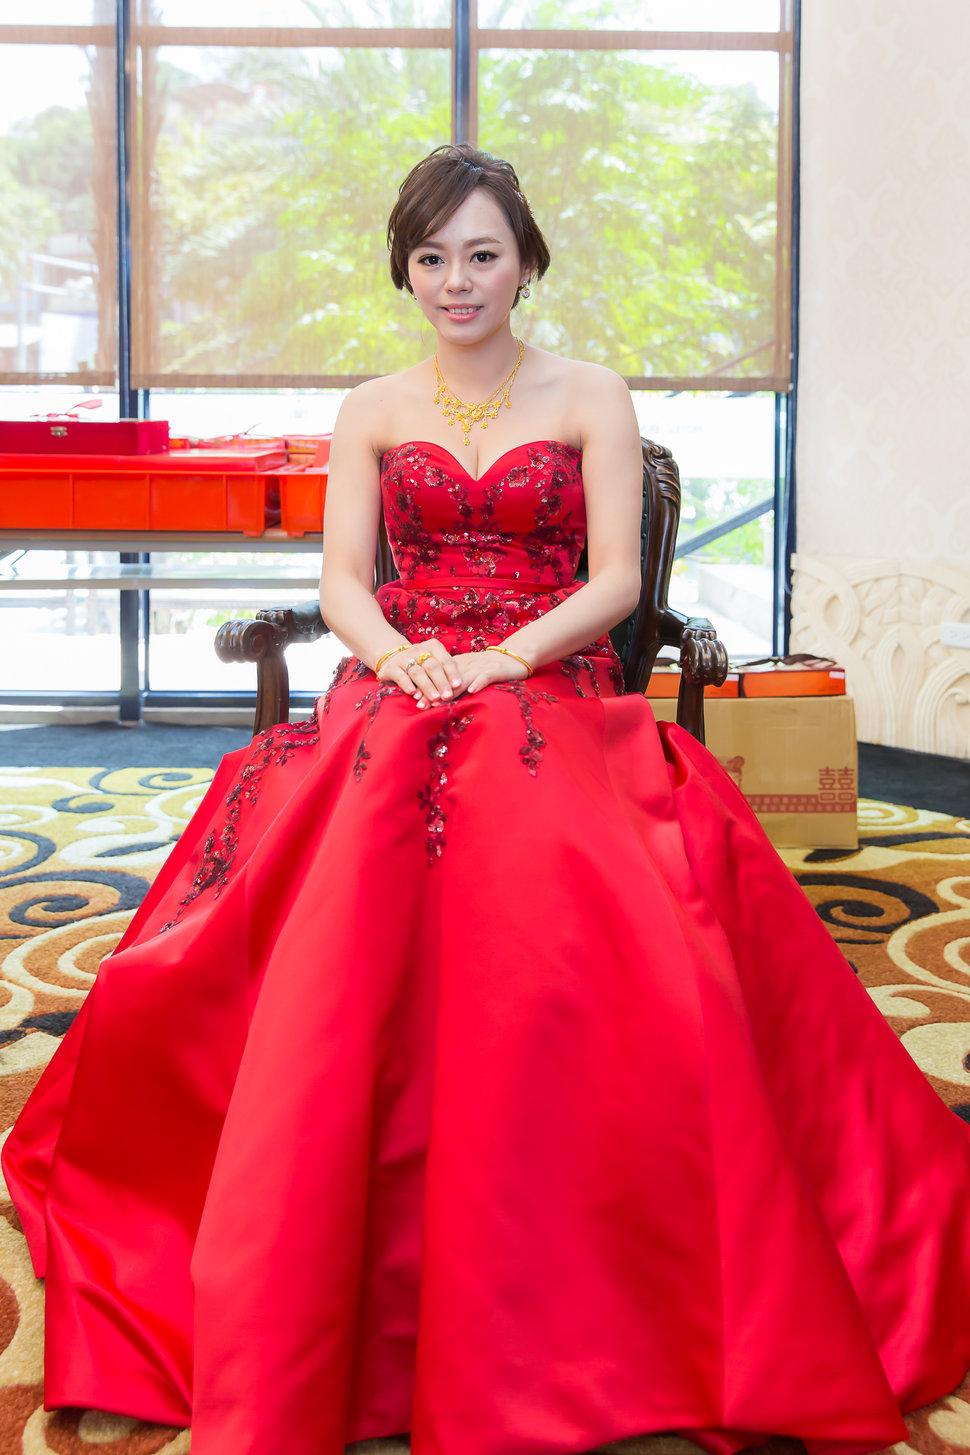 志平&宜柔_文定_南投寶旺萊6號花園酒店(編號:289125) - Baby Sweety Studio - 結婚吧